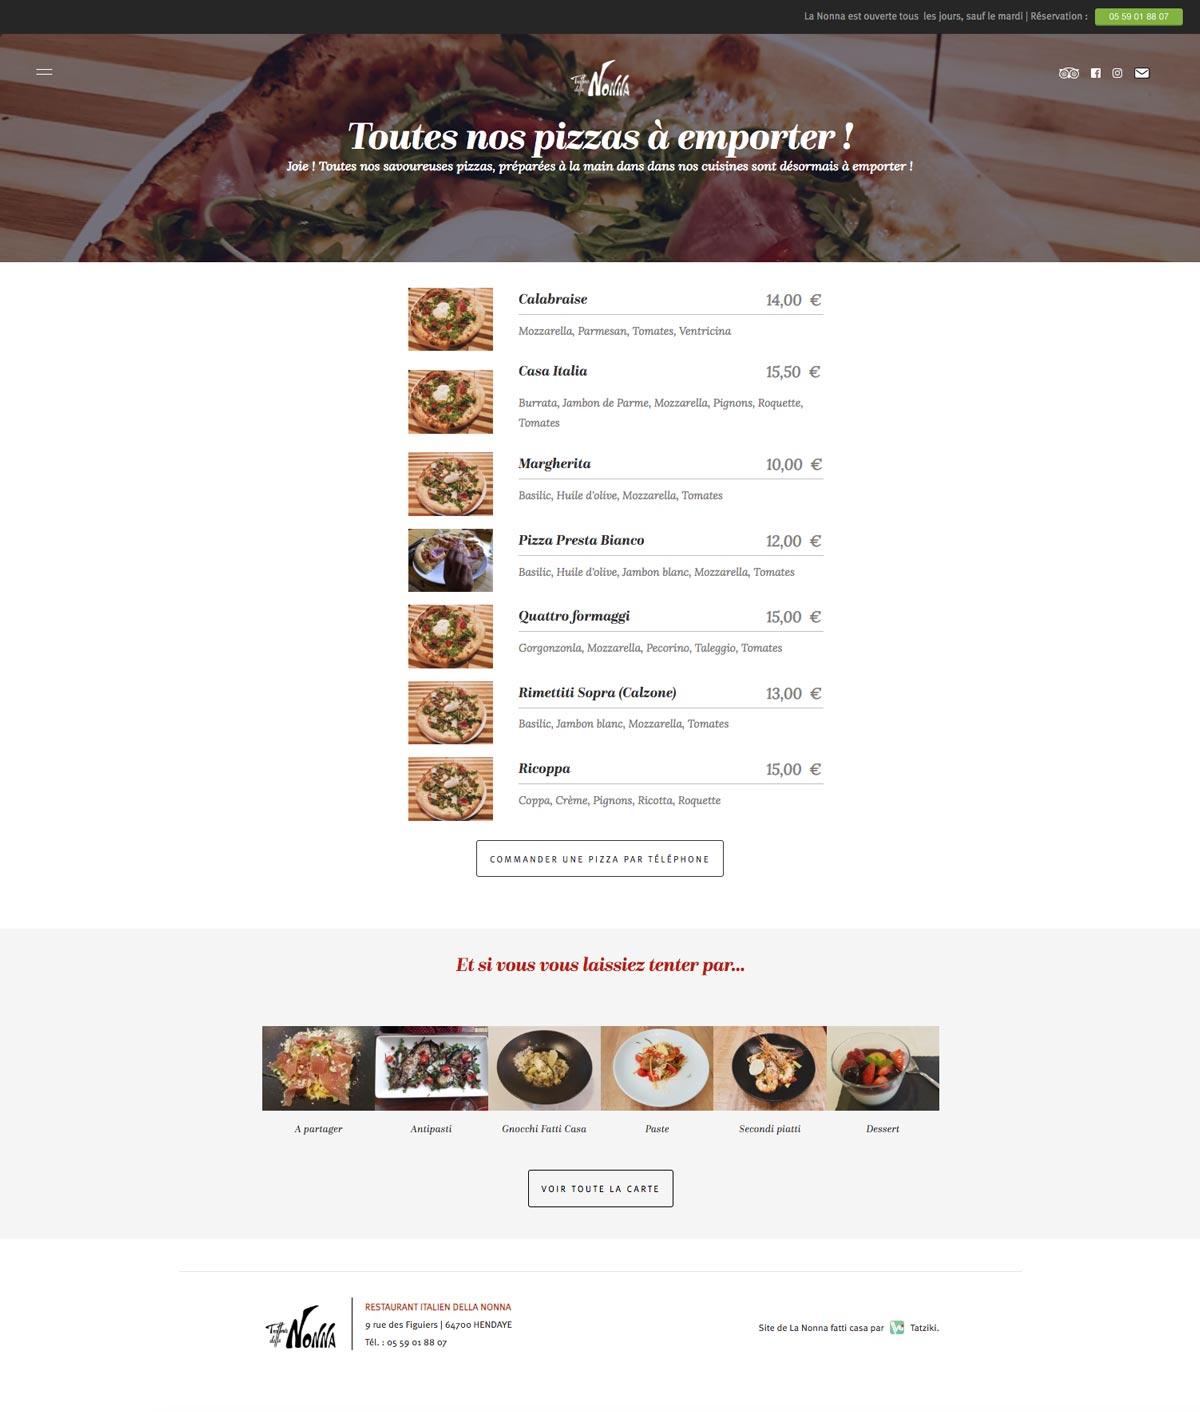 Tatziki-webdesign Trattoria della Nonna - Pizzas